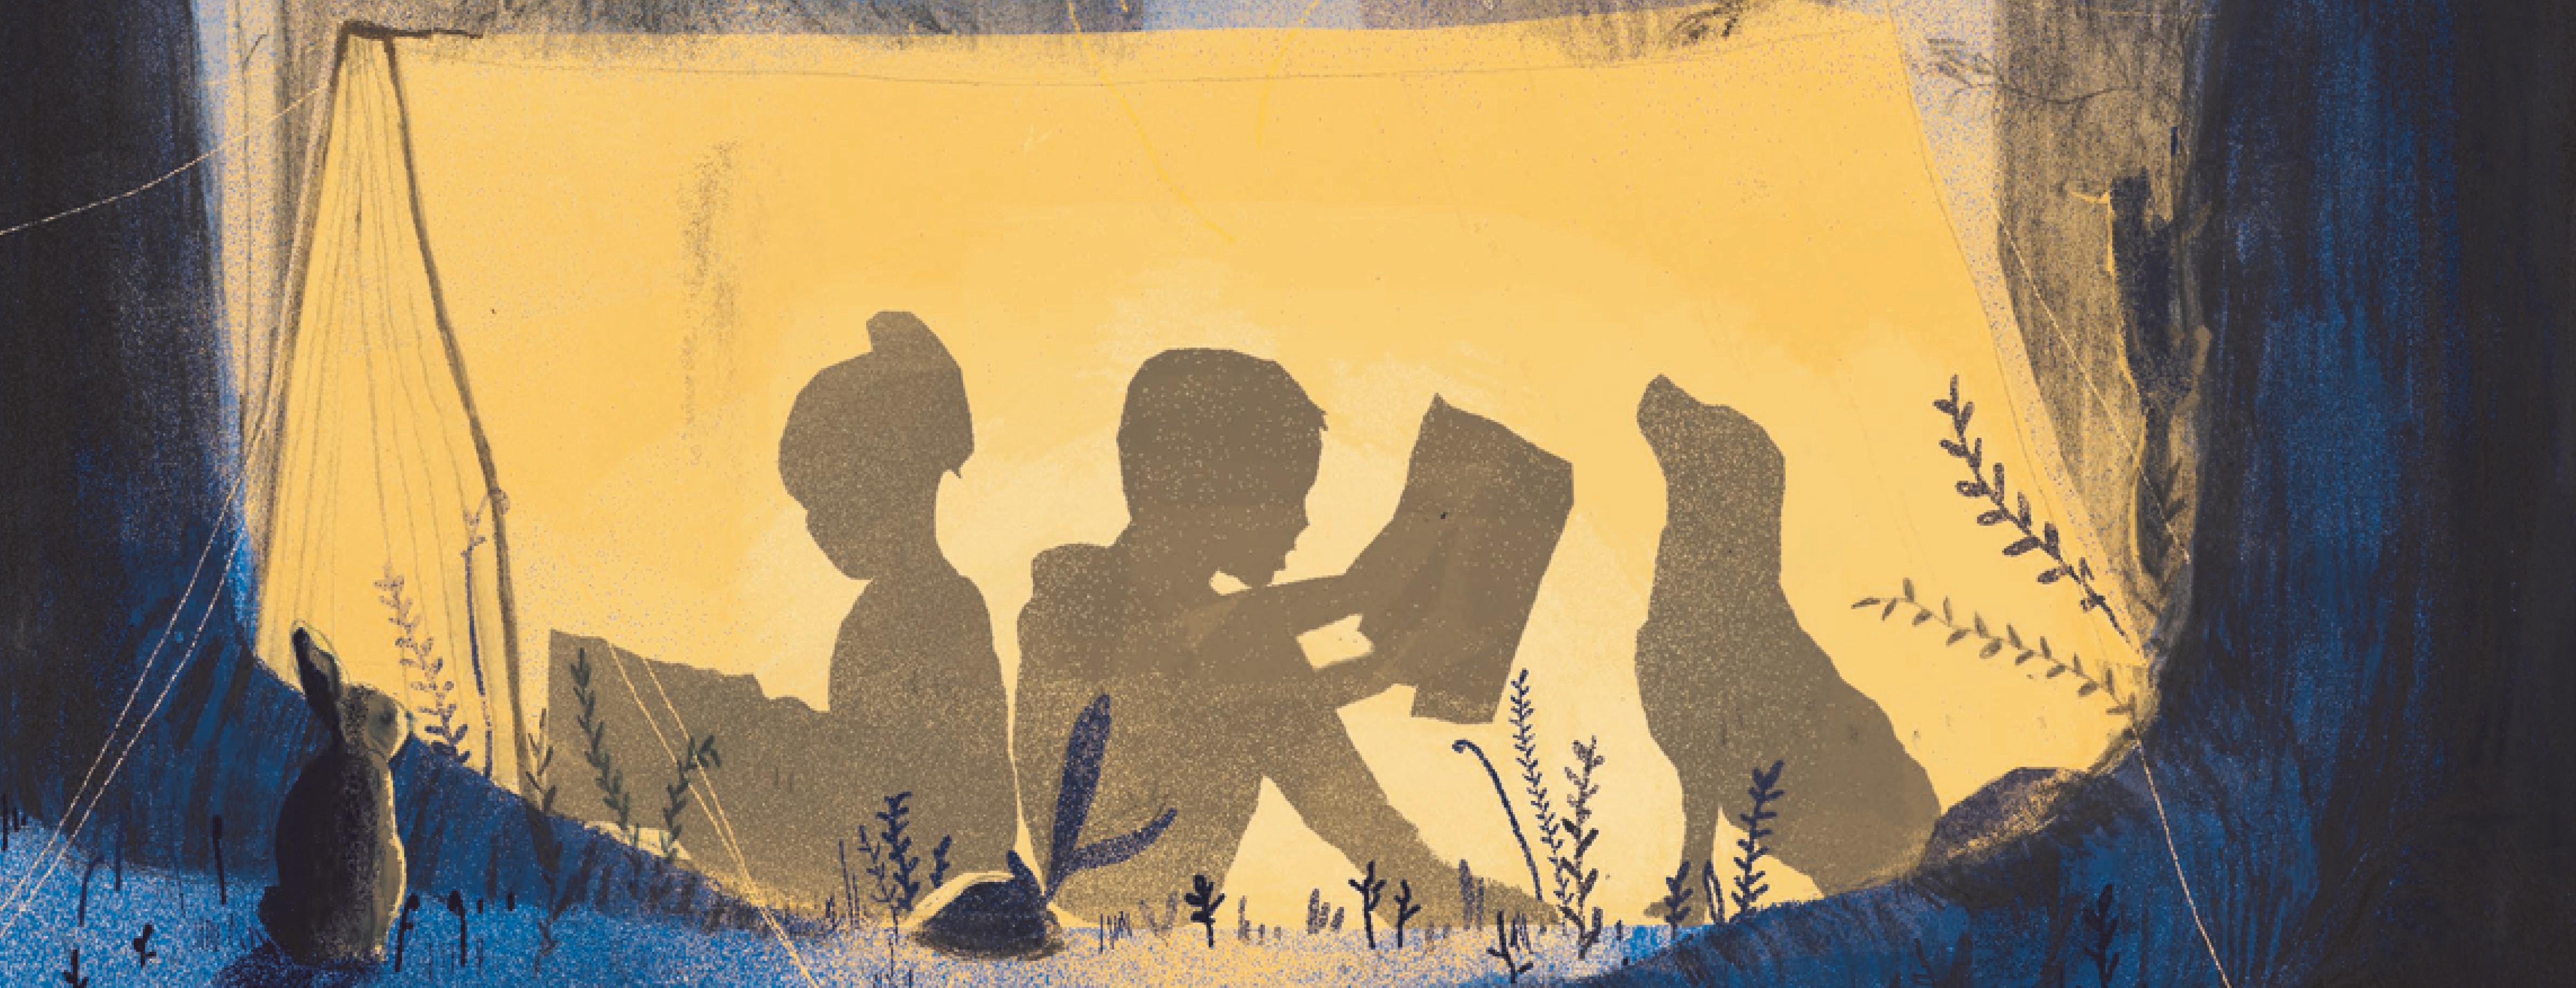 kinderen lezen boeken in een tent